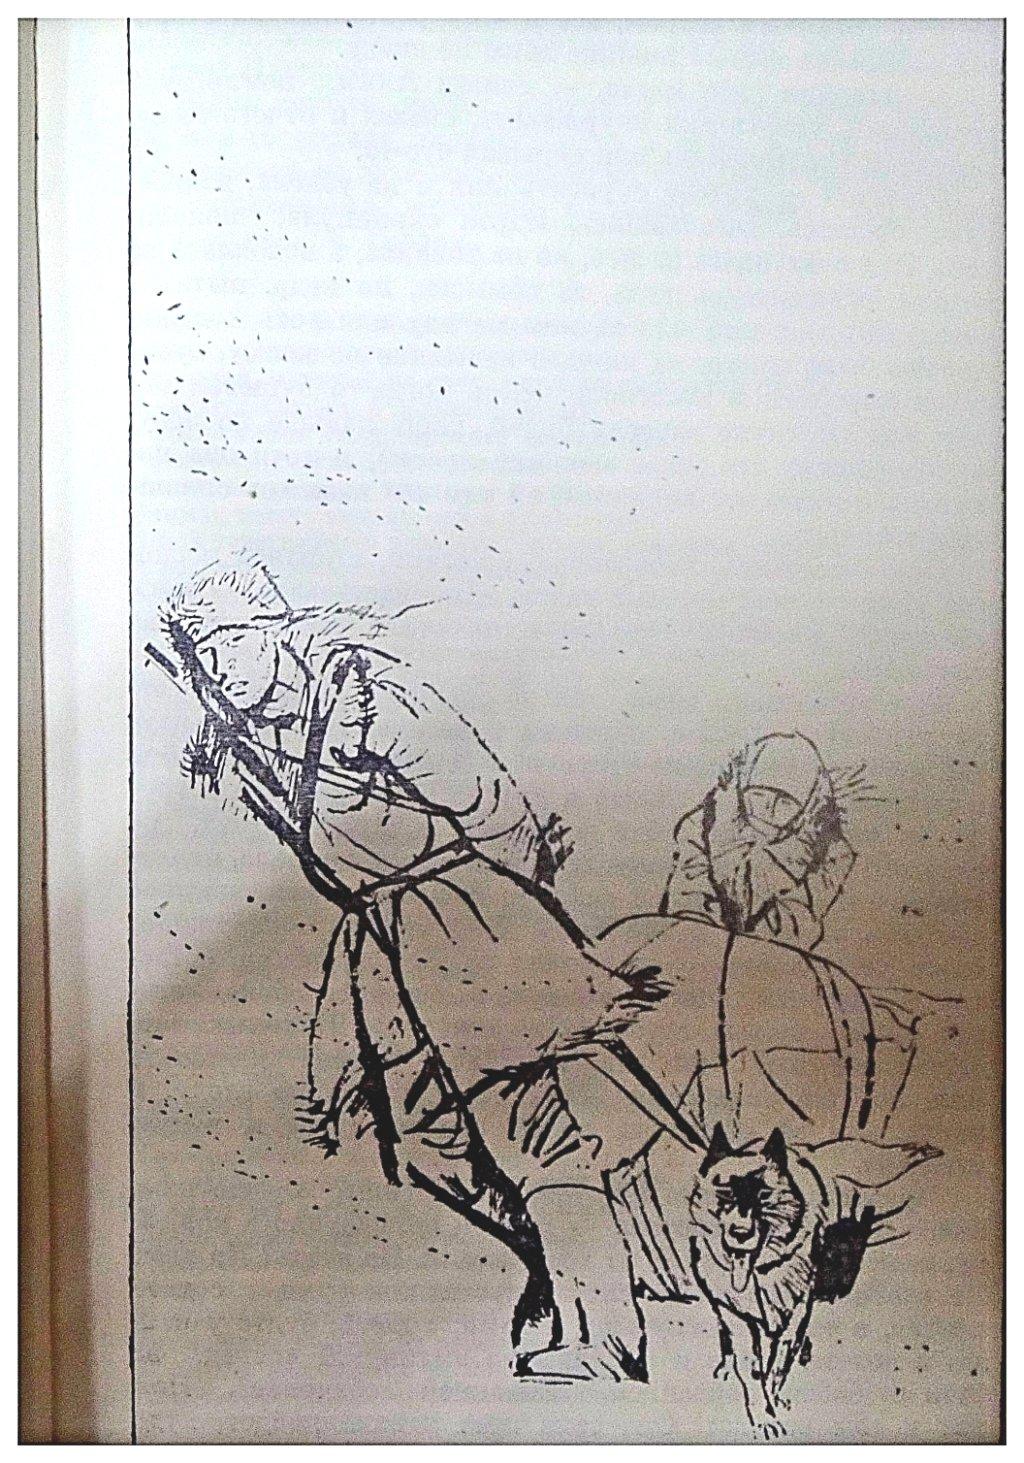 Виктор Астафьев, из книги Царь-рыба, иллюстрации, фото 007